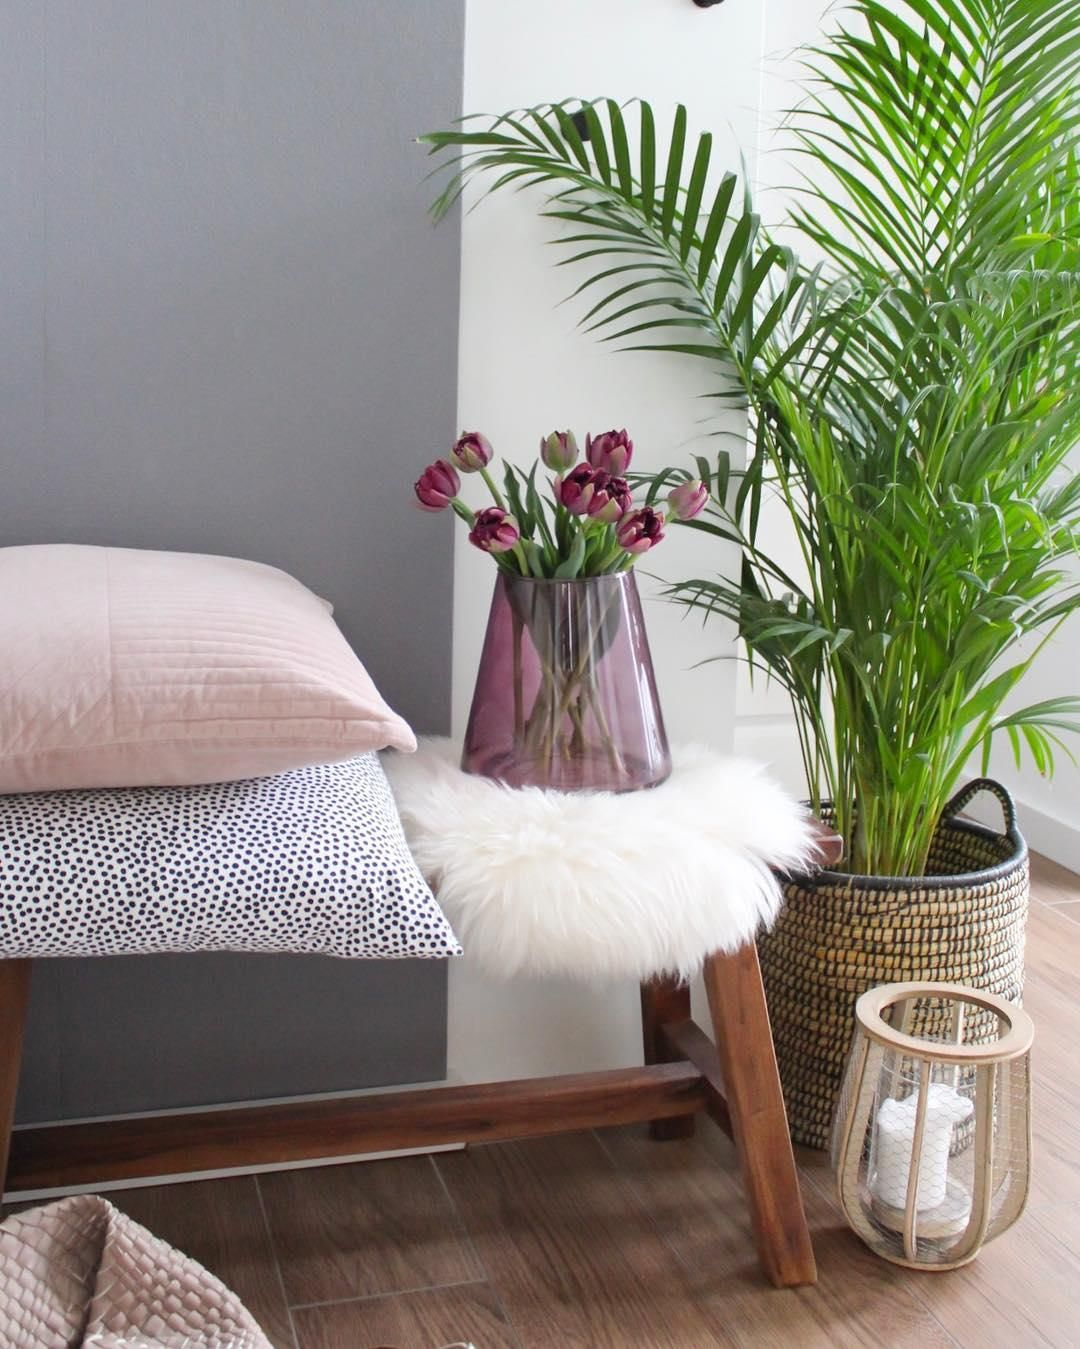 Ein Kuscheliges Fell Sorgt Nicht Nur Auf Dem Sofa Oder Sessel Fur